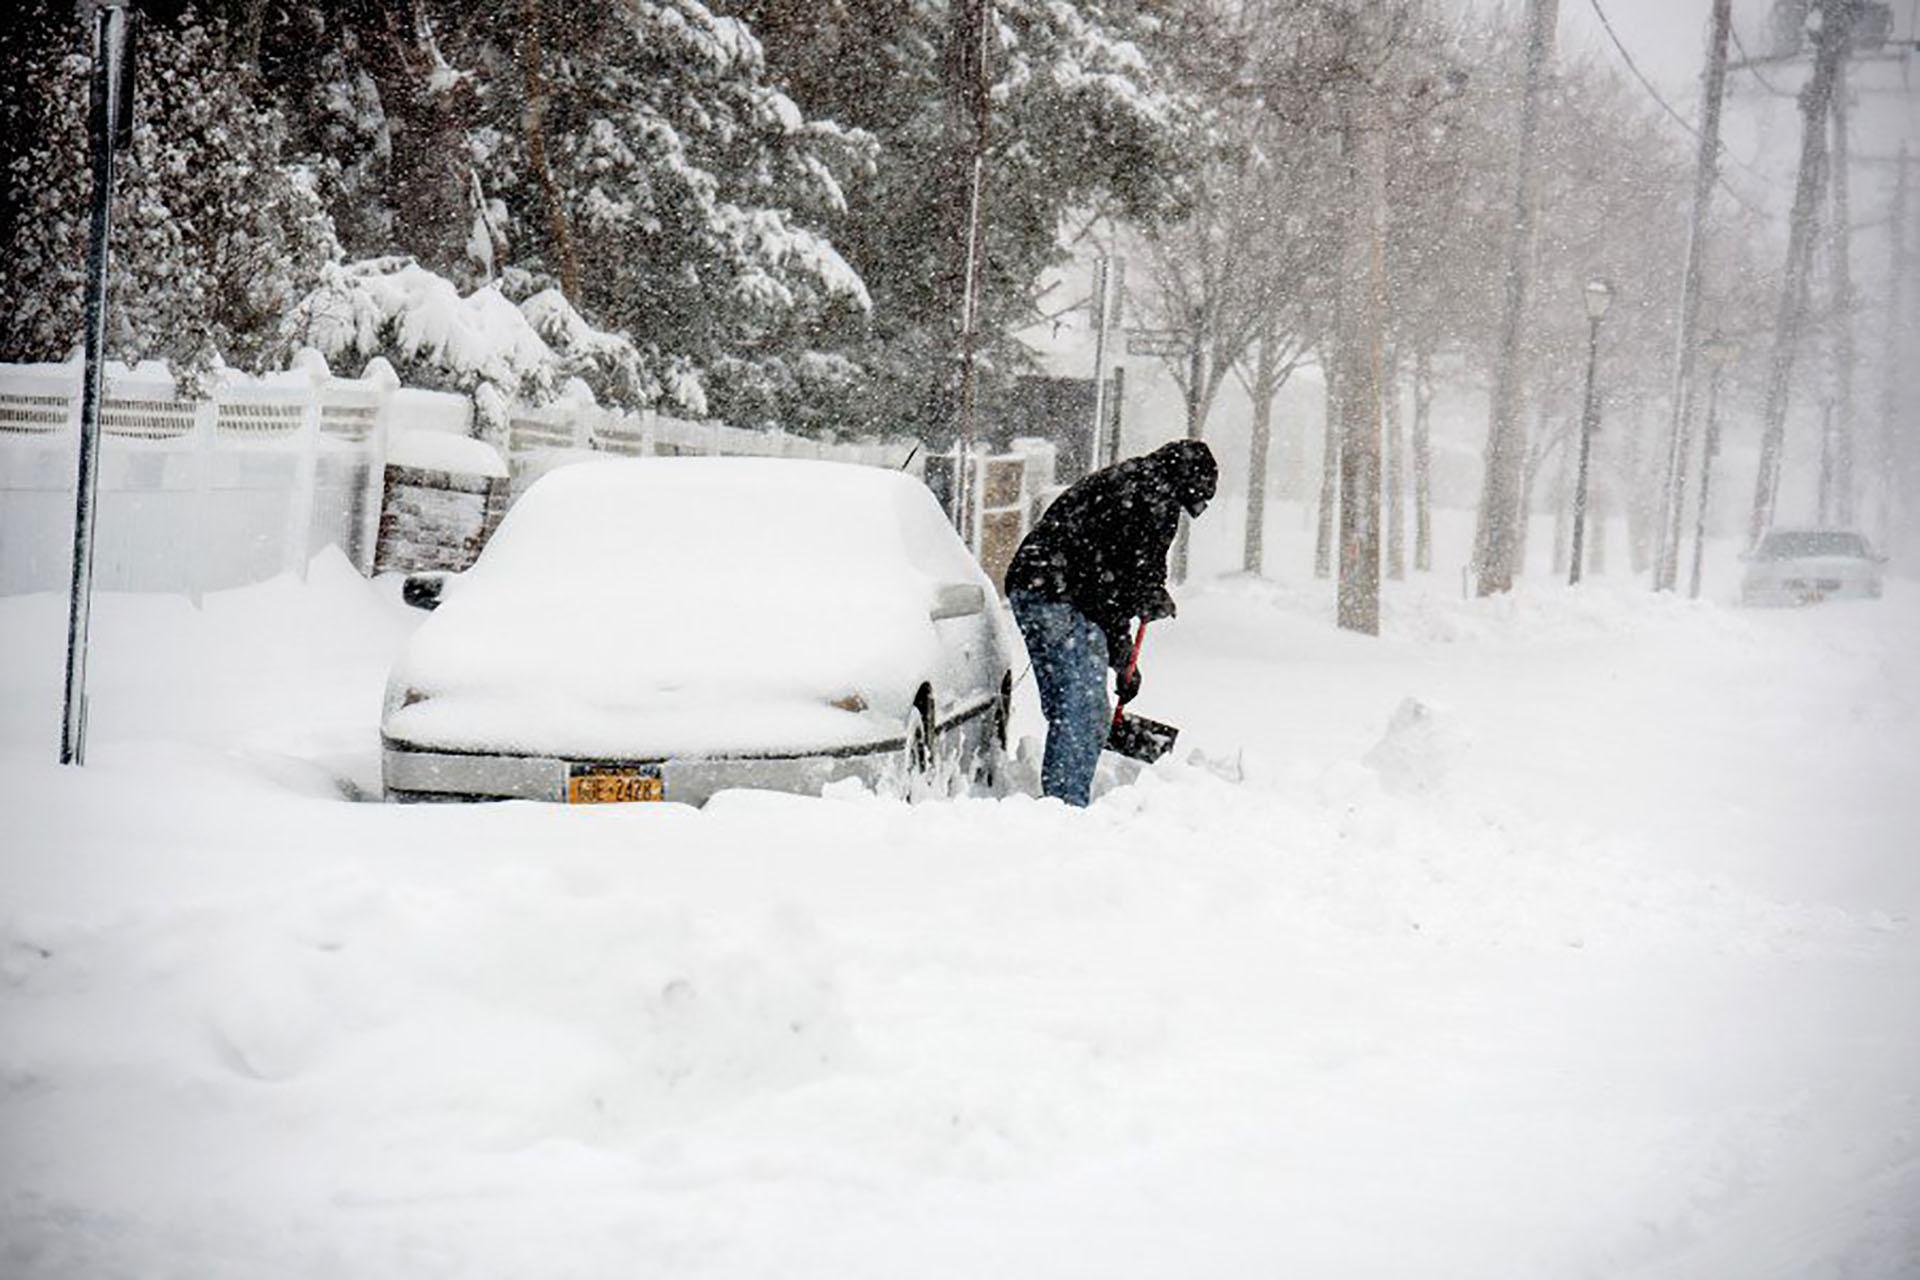 Los caminos quedaron bloqueados en cientos de ciudades por la gran cantidad de nieve que cayó